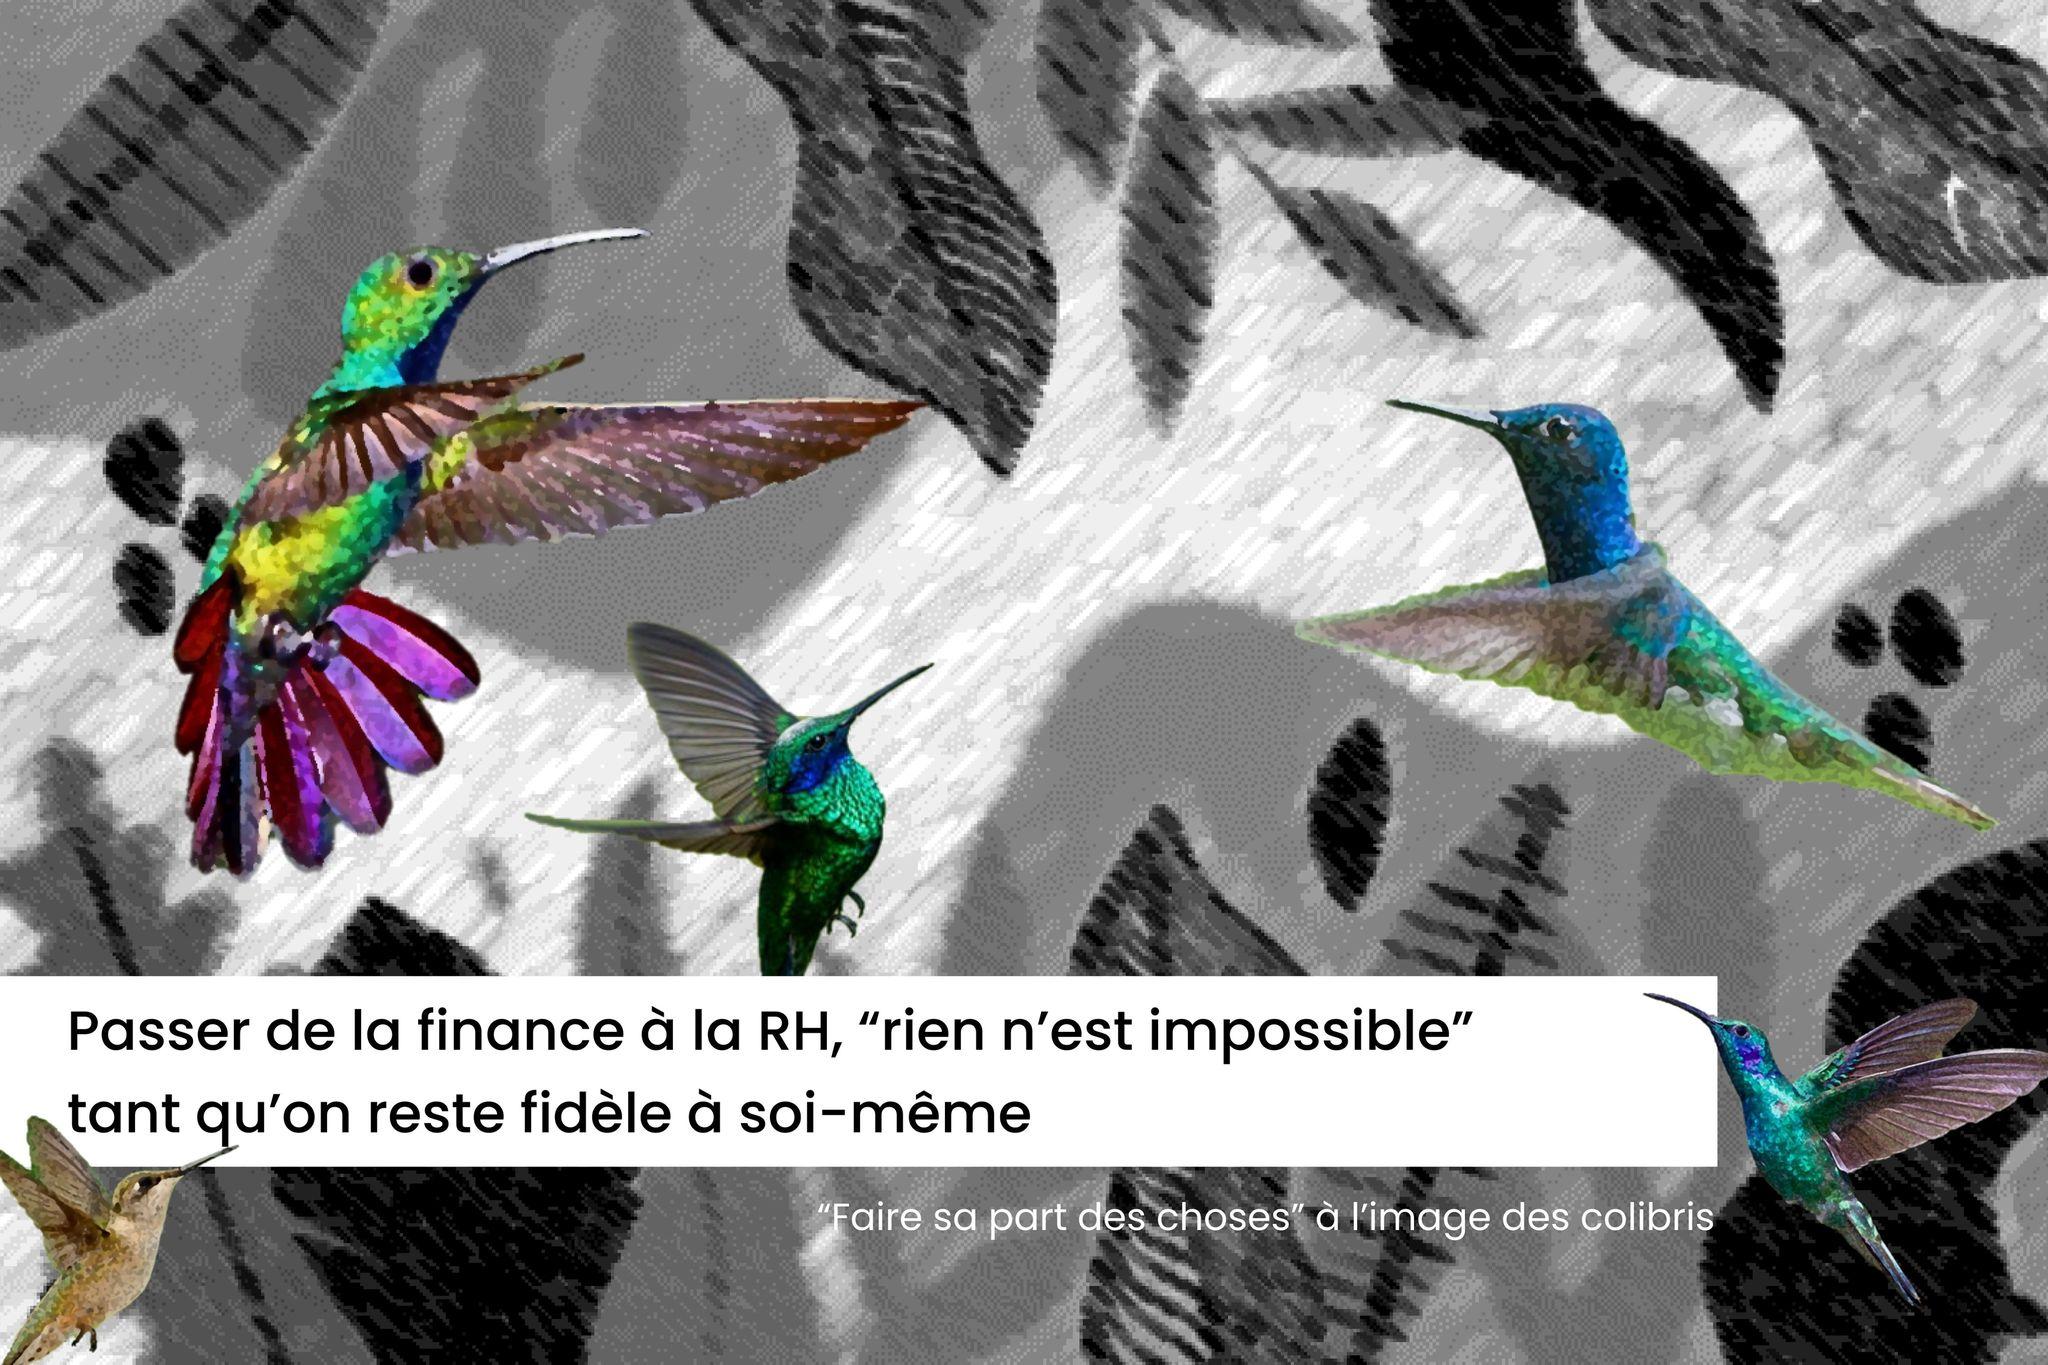 """Passer de la finance à la RH chez Chanel, """"rien n'est impossible"""" tant qu'on reste fidèle à soi-même"""